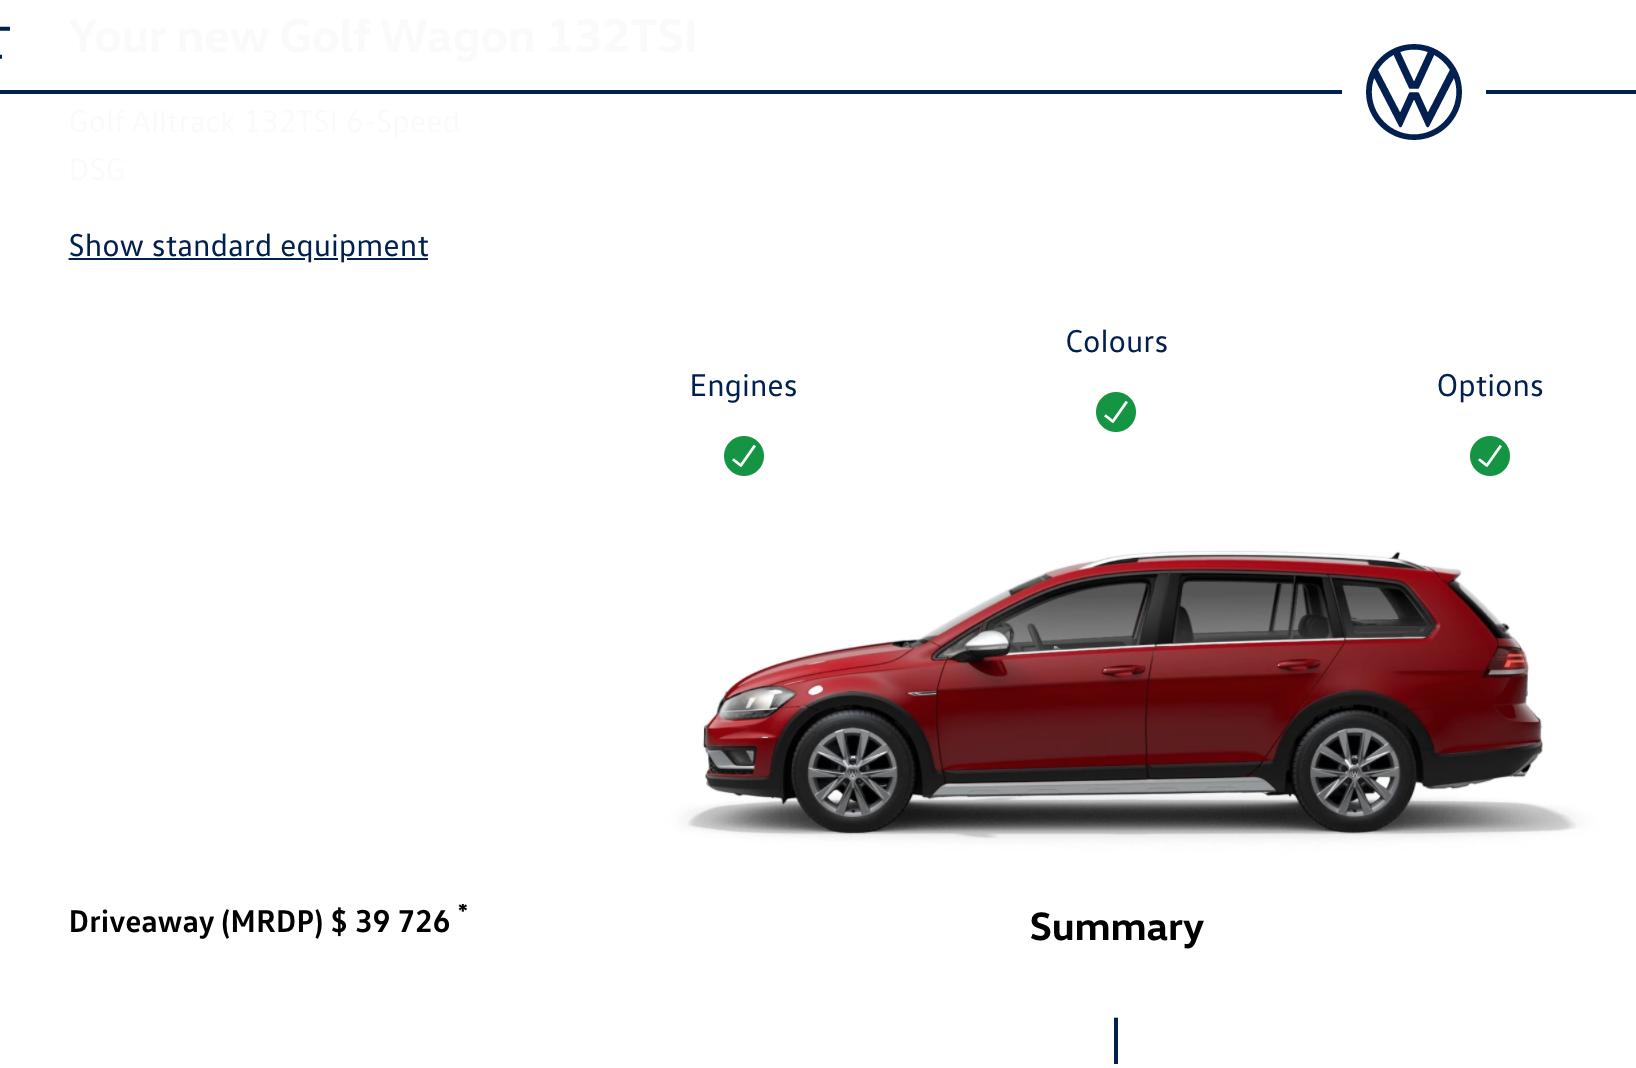 VW configurator 2020